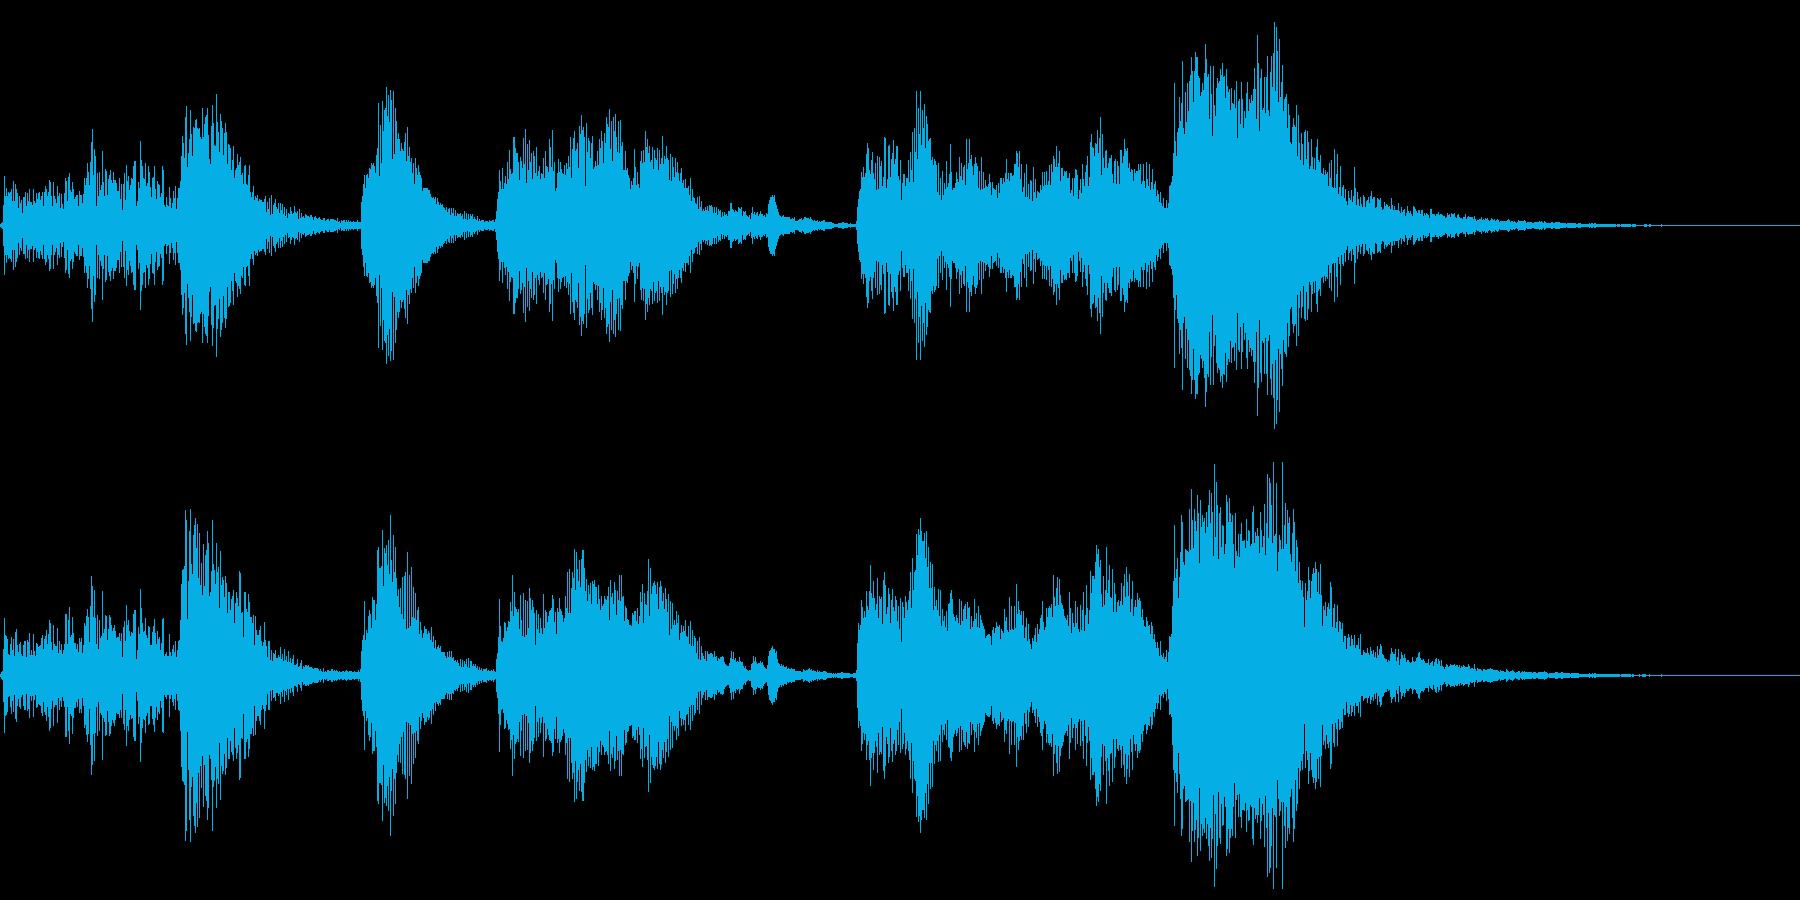 ハロウィン系ジングル1の再生済みの波形